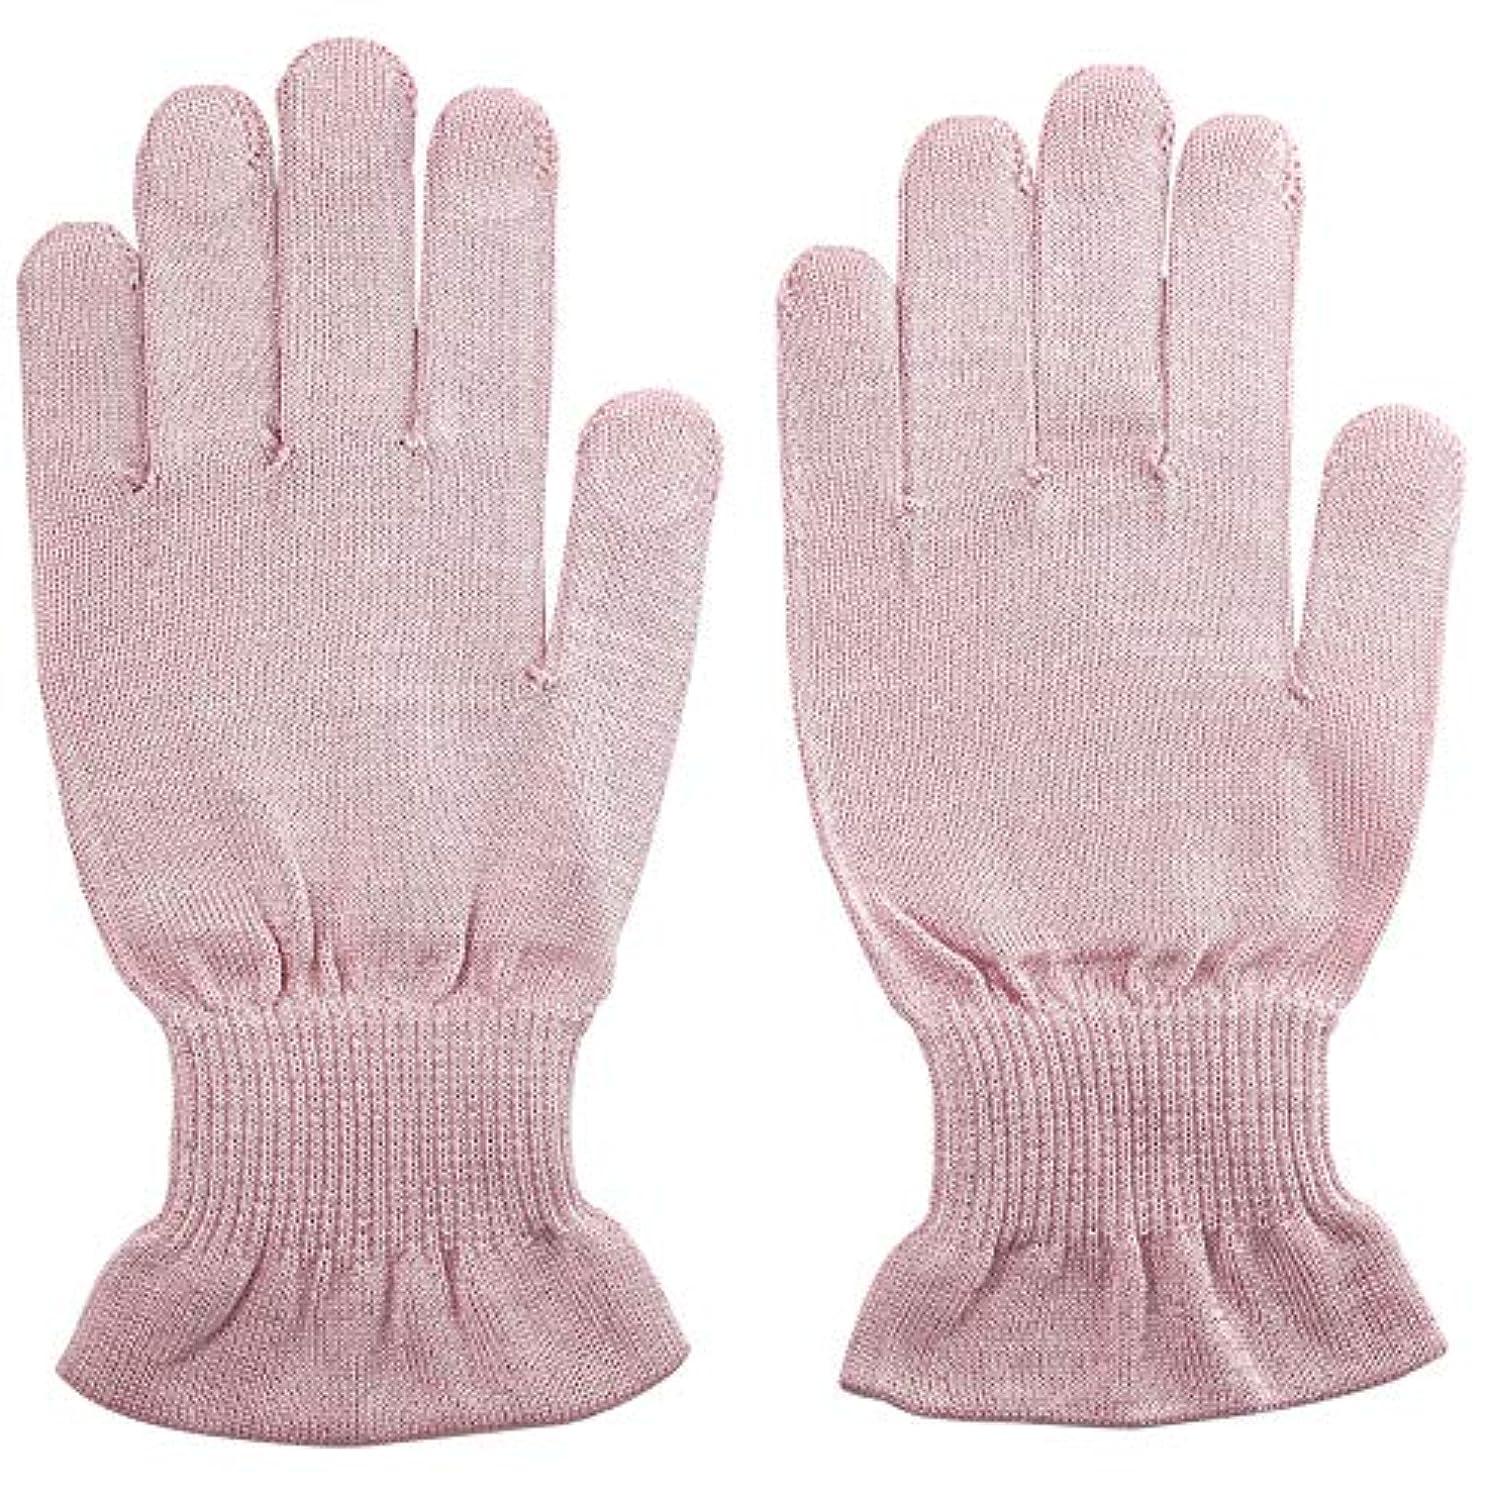 エアコン死ぬ革命温むすび ハンドケア手袋 【手のひら美人 女性用 M~Lサイズ】 ペールピンク